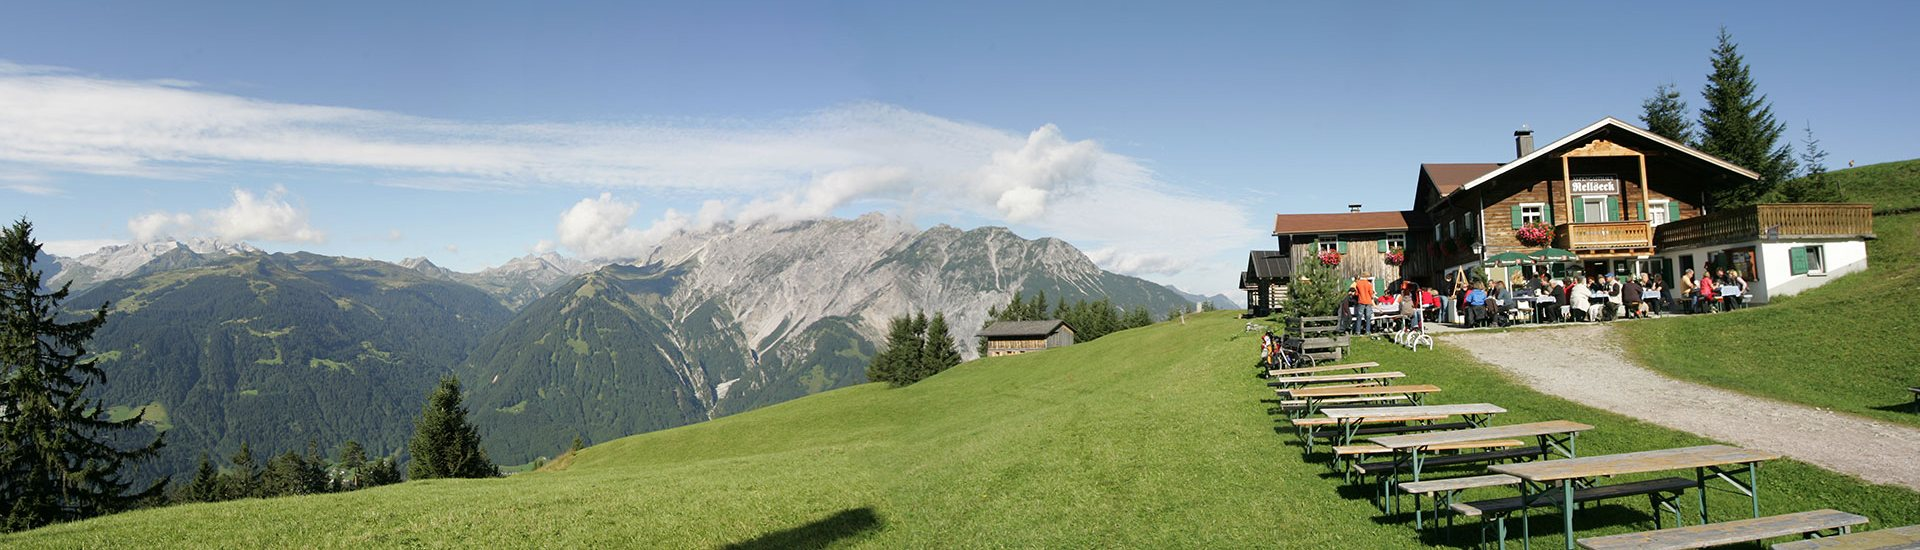 berggasthof-rellseck-montafon-4-s